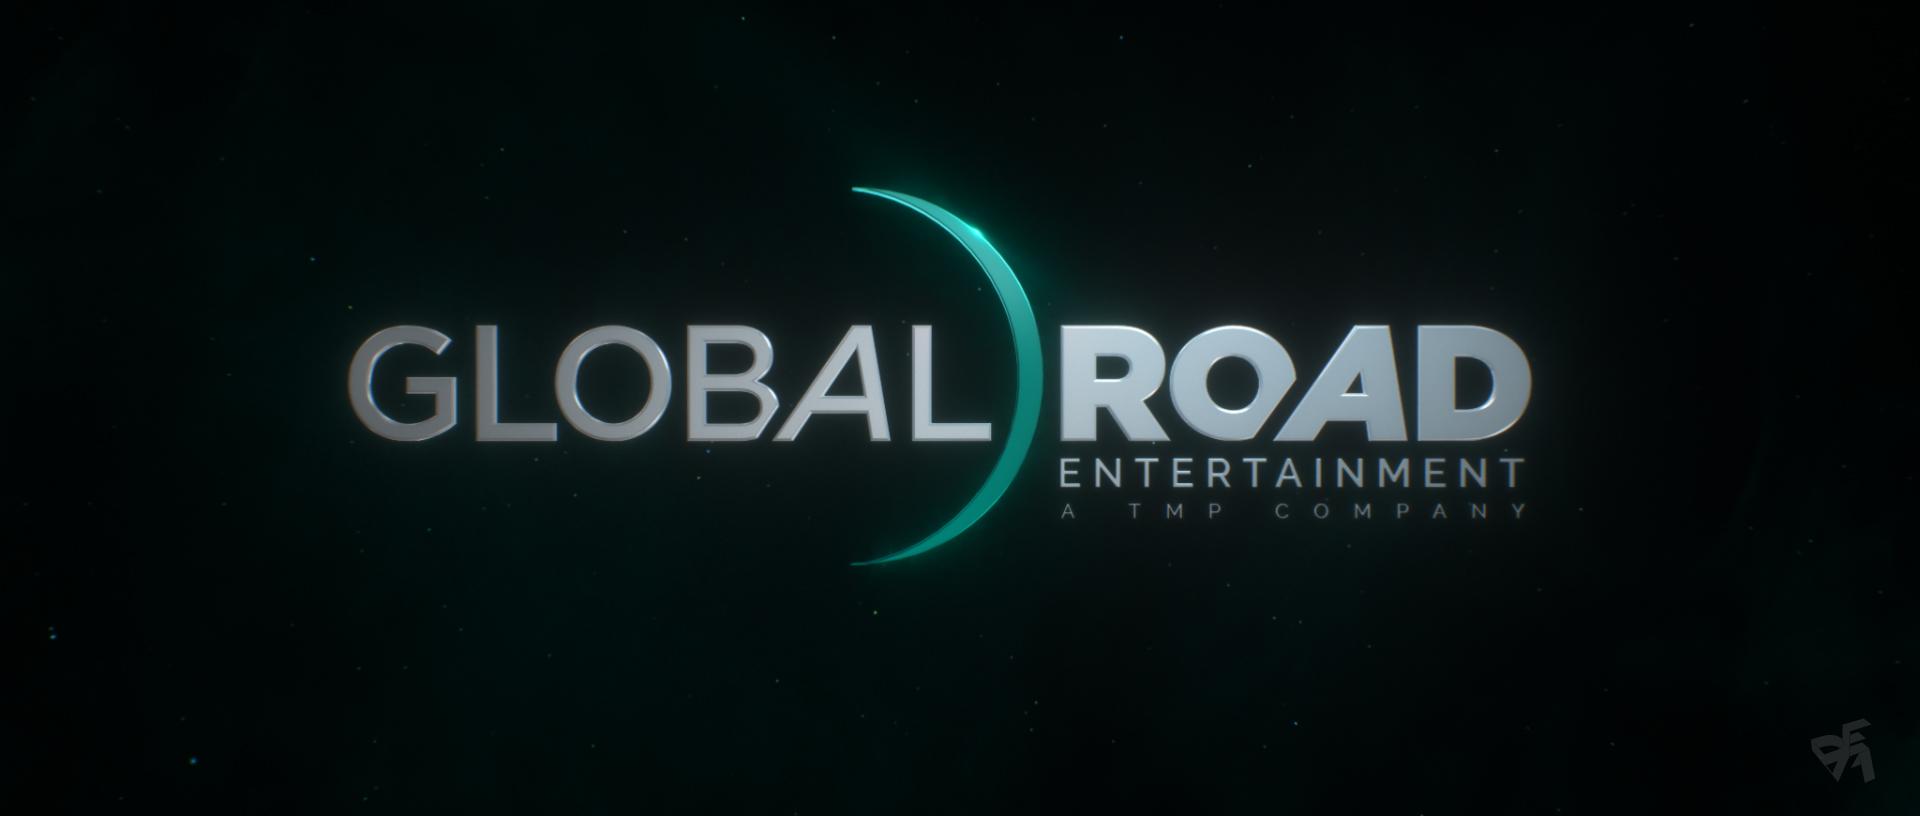 GlobalRoad_STYLEFRAME_10.jpg